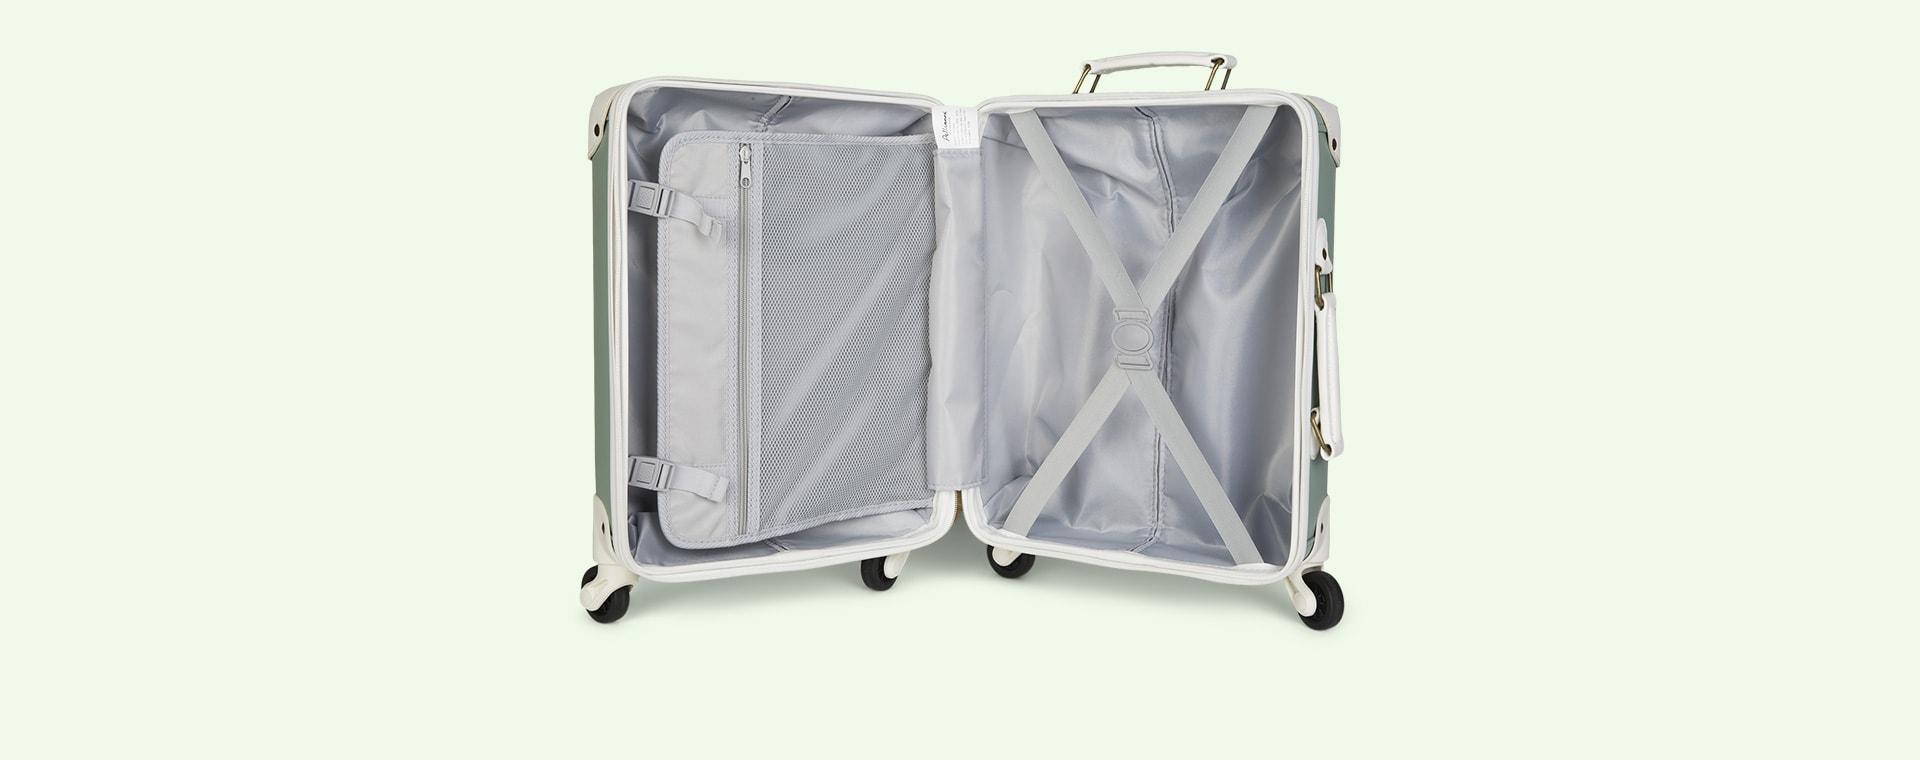 Aqua Pellianni City Suitcase